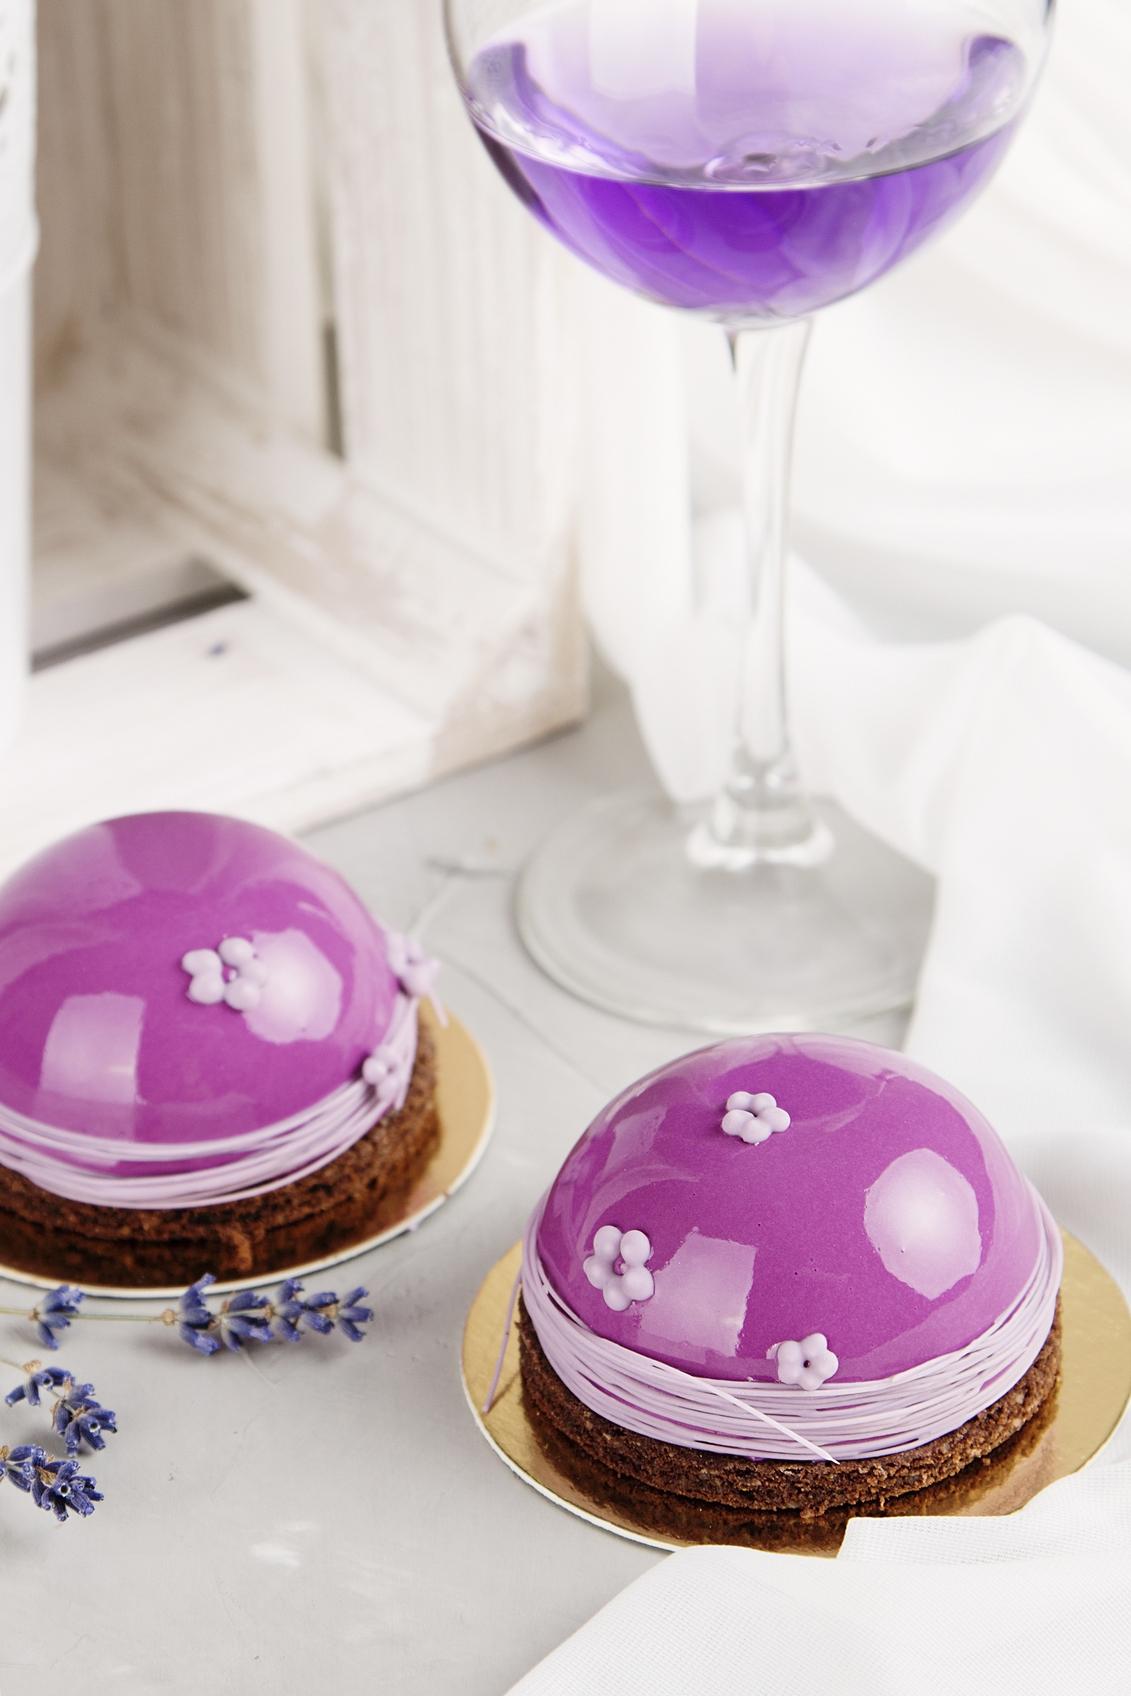 Gla age miroir des g teaux poustouflants for Miroir de sucre